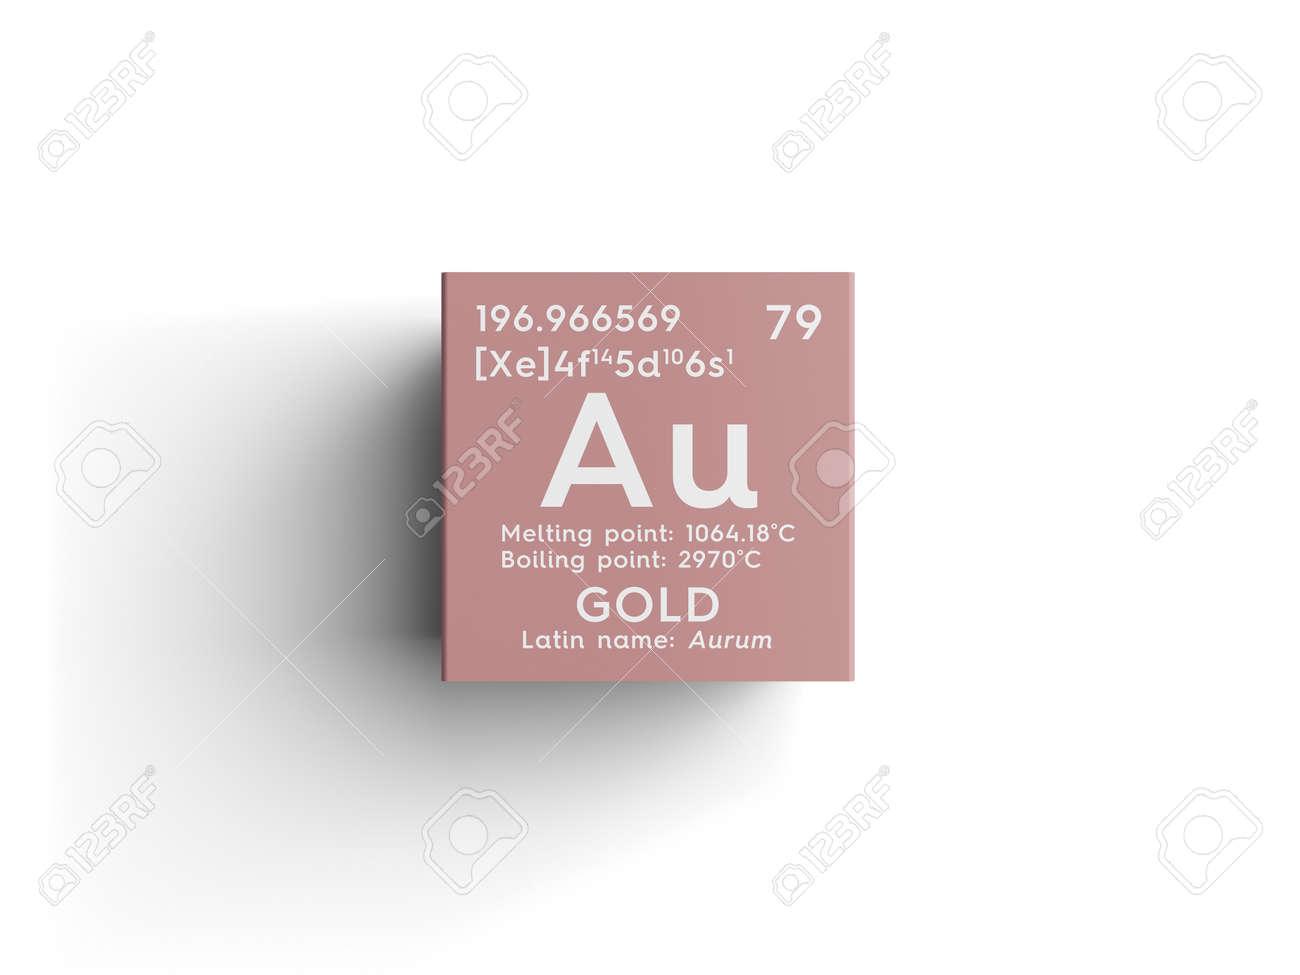 Oro aurum metales de transicin elemento qumico de la tabla foto de archivo oro aurum metales de transicin elemento qumico de la tabla peridica de mendeleev oro en un cubo cuadrado concepto creativo urtaz Images